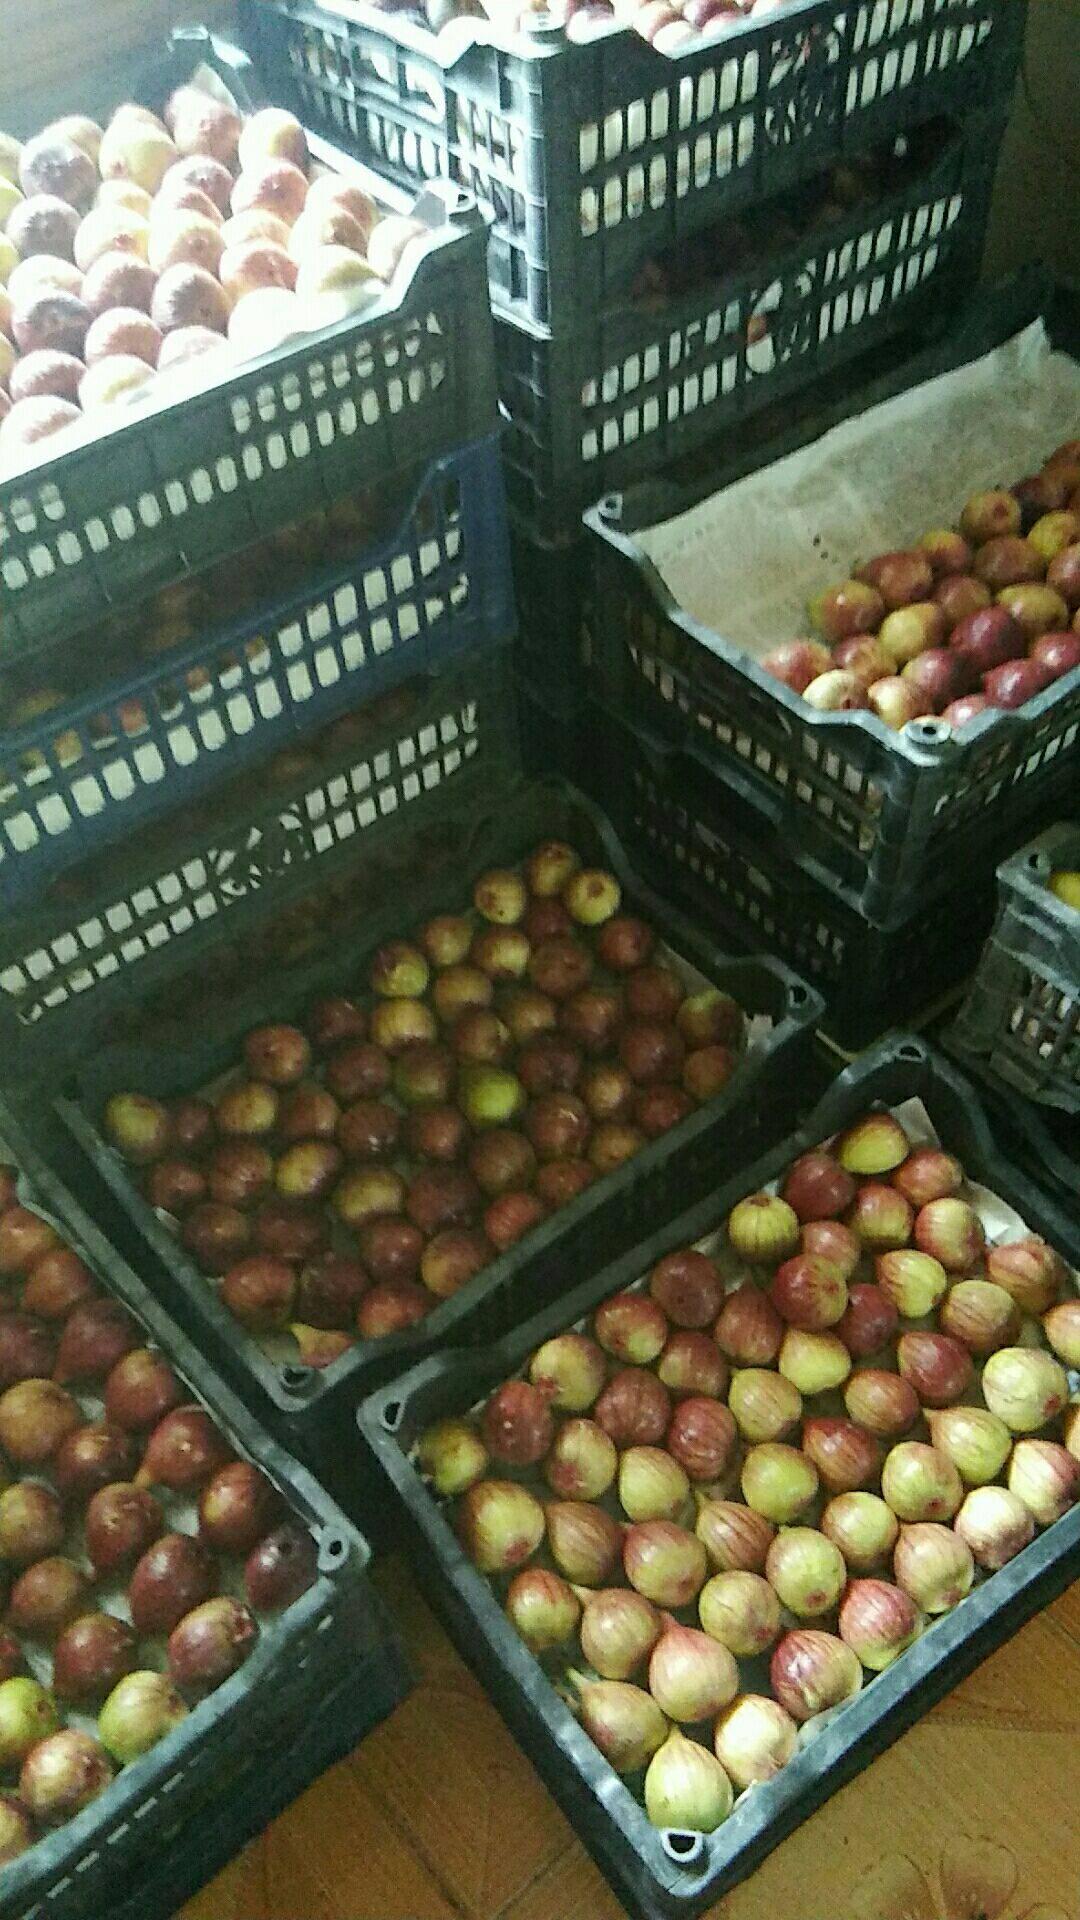 自产自销的无花果批发价两块五一斤,江心洲,自己带框子,上门。